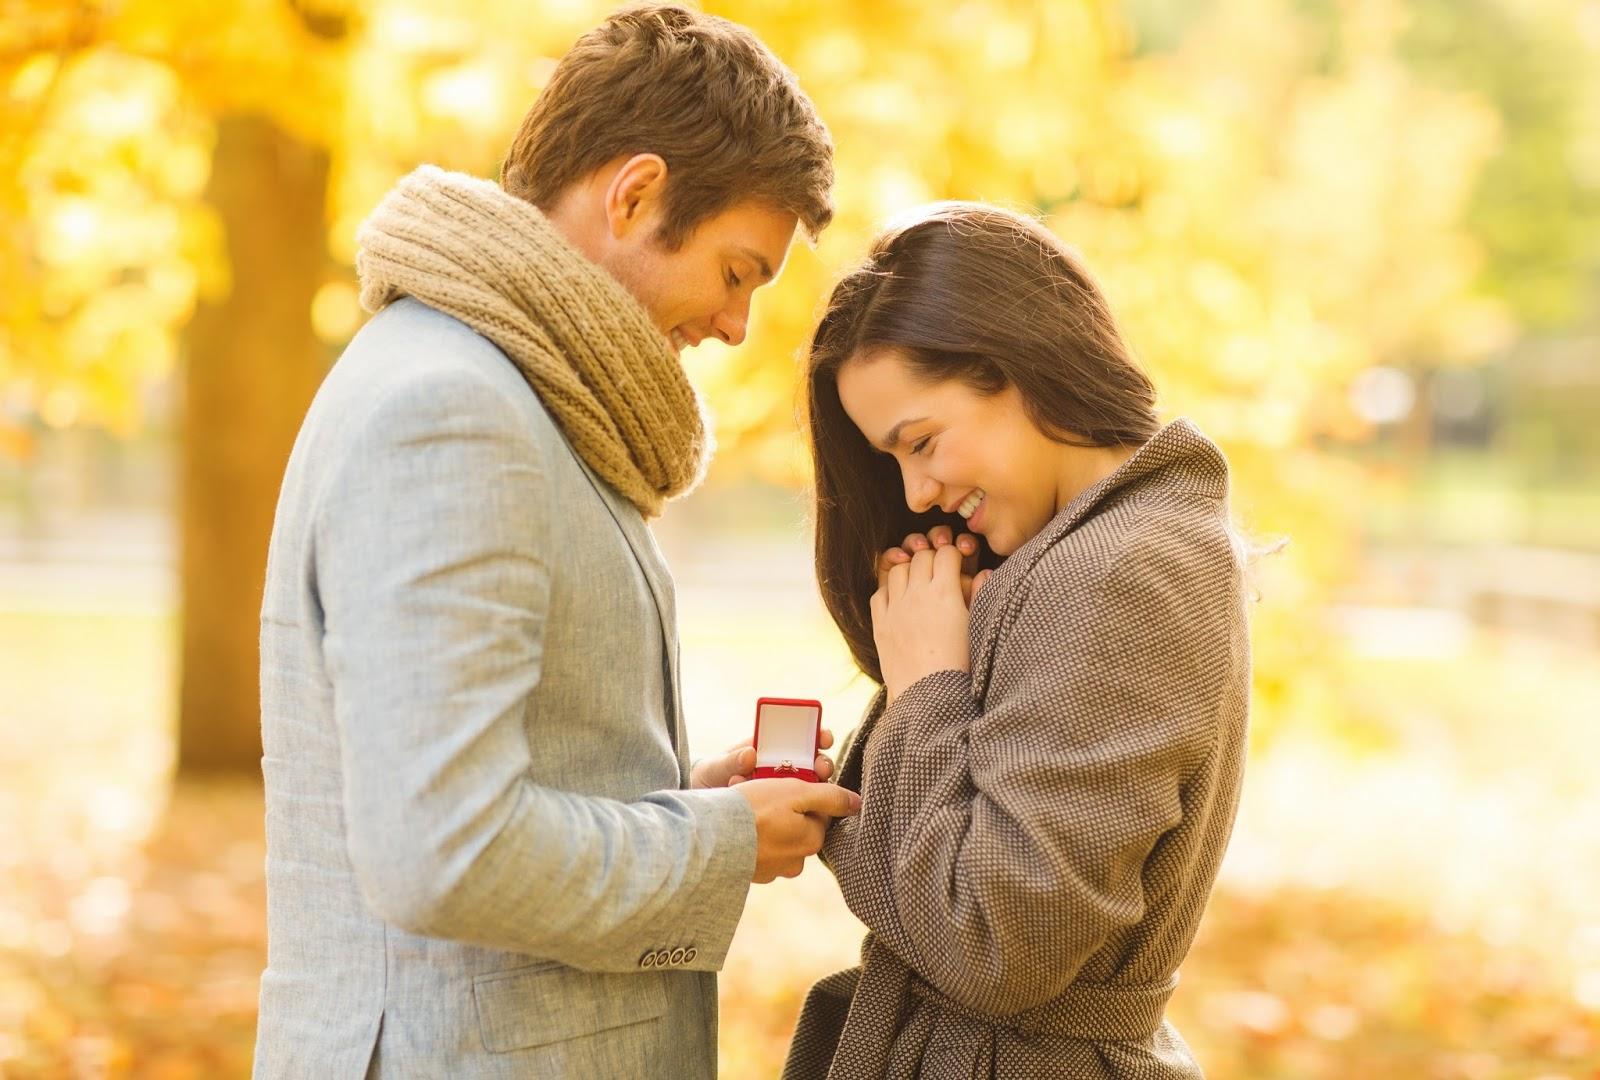 Kadınlar Evlendikten Sonra Neden Kilo Alır